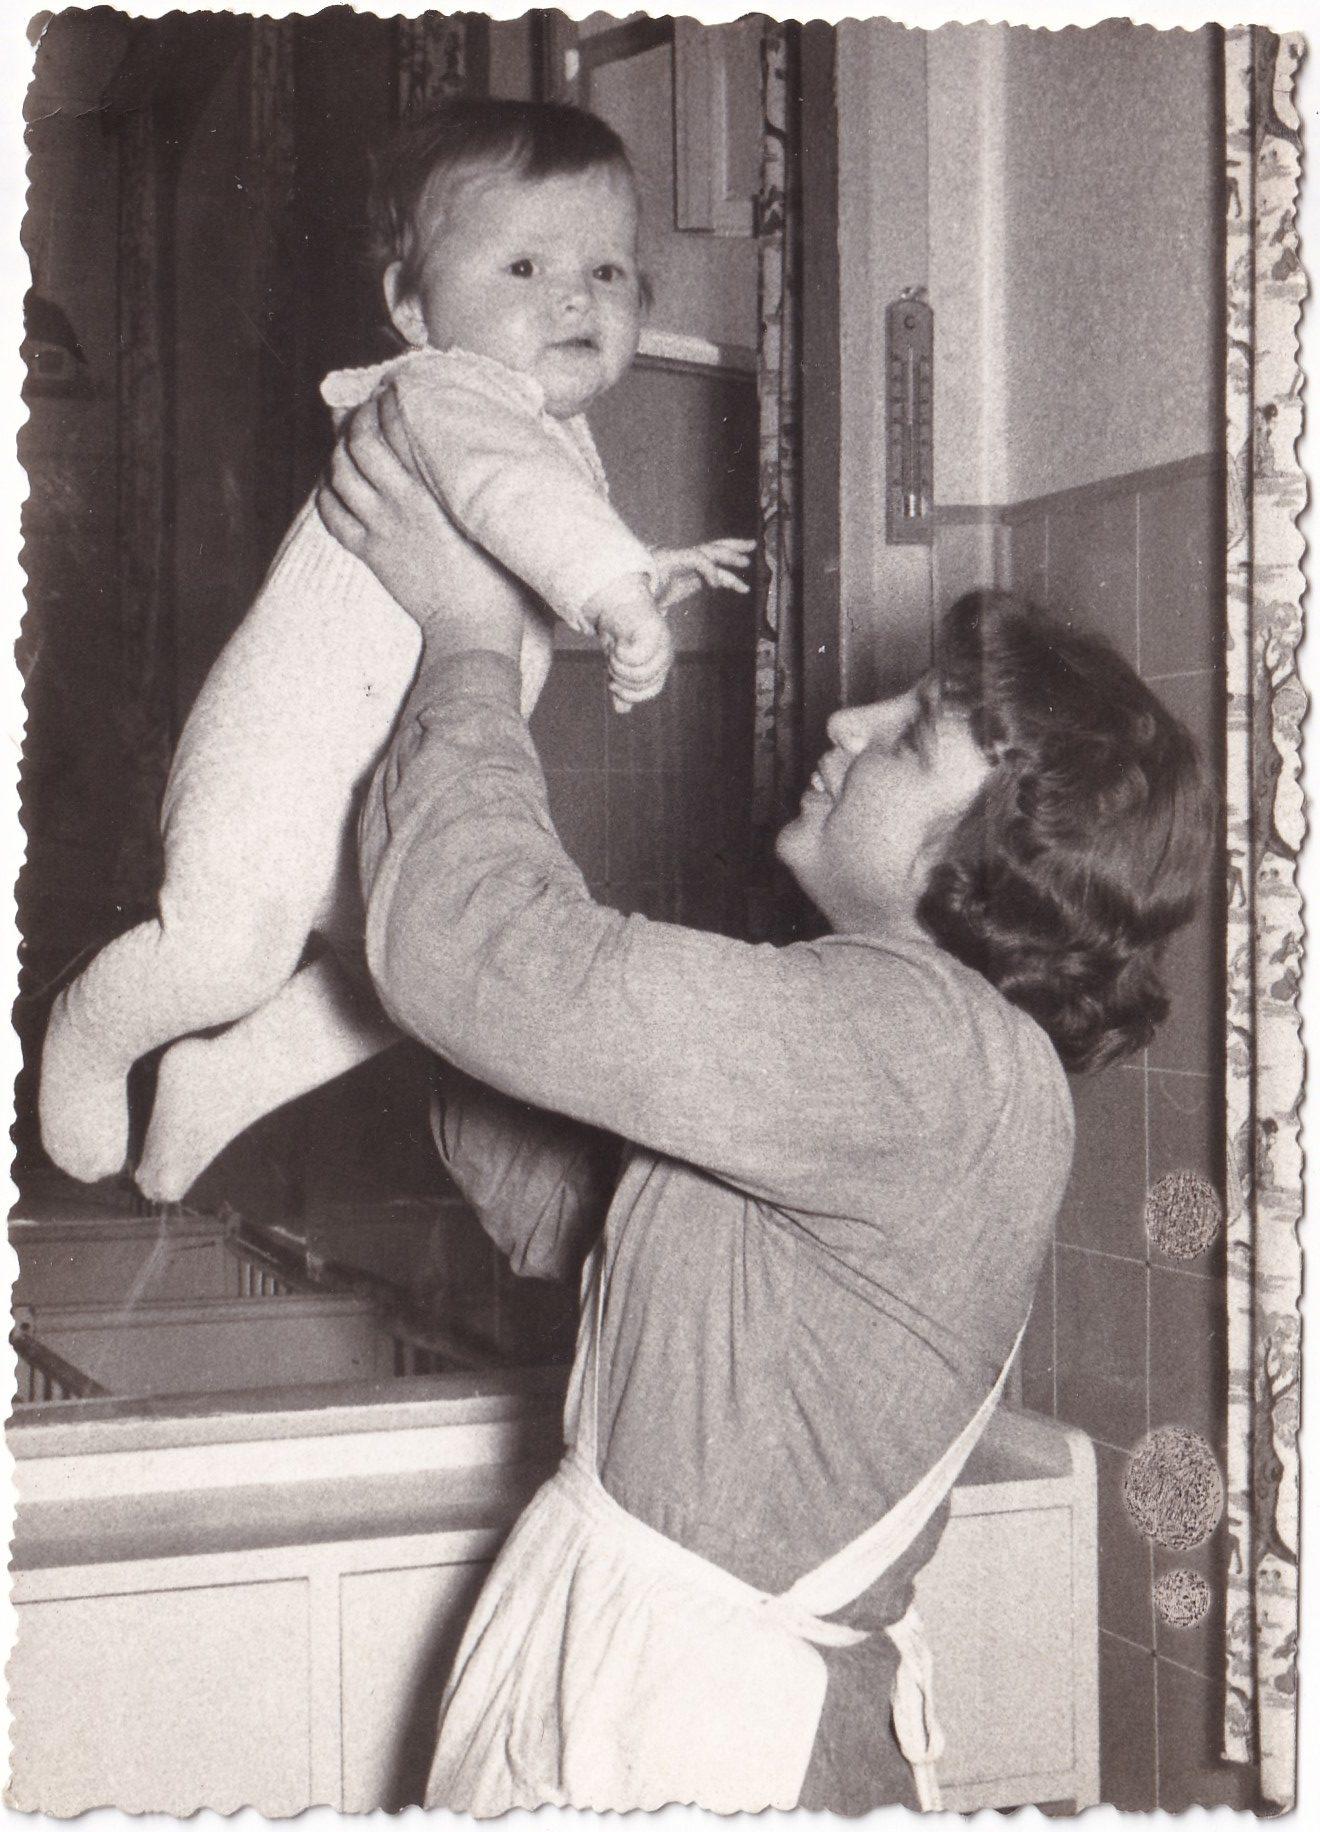 Femme avec bébé dans les bras  Format   rotated